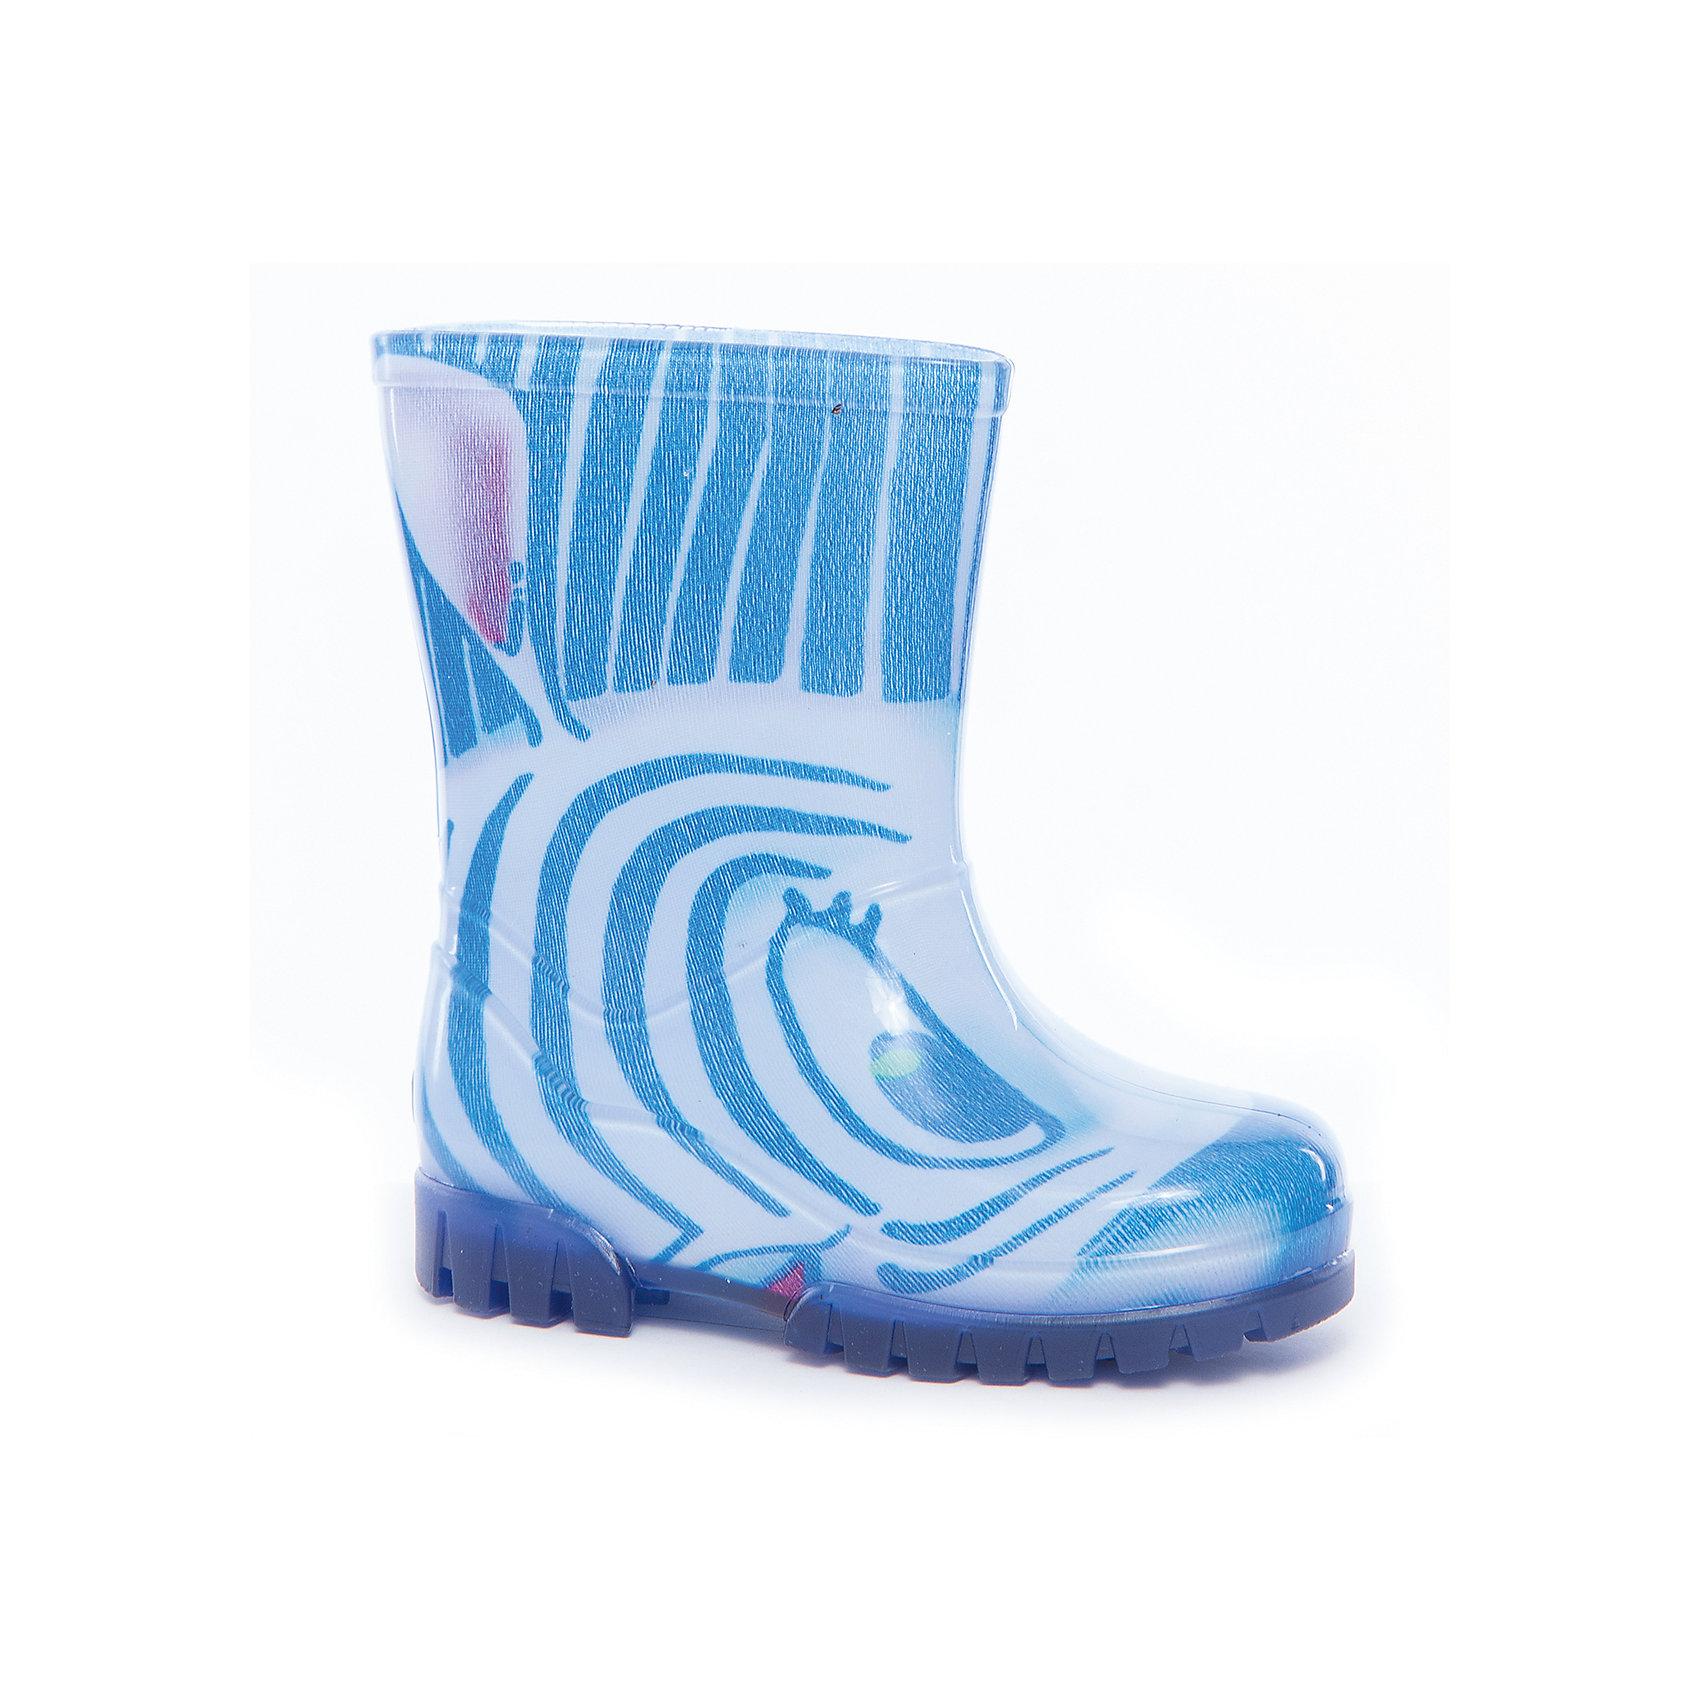 Резиновые сапоги DEMARРезиновые сапоги<br>Резиновые сапоги DEMAR<br>Состав: <br>Материал верха:ПВХ. Материал подкладки:текстильный материал (без утеплителя).Материал подошвы:ПВХ<br><br>Ширина мм: 237<br>Глубина мм: 180<br>Высота мм: 152<br>Вес г: 438<br>Цвет: голубой<br>Возраст от месяцев: 132<br>Возраст до месяцев: 144<br>Пол: Унисекс<br>Возраст: Детский<br>Размер: 34/35,28/29,30/31,32/33<br>SKU: 5454284